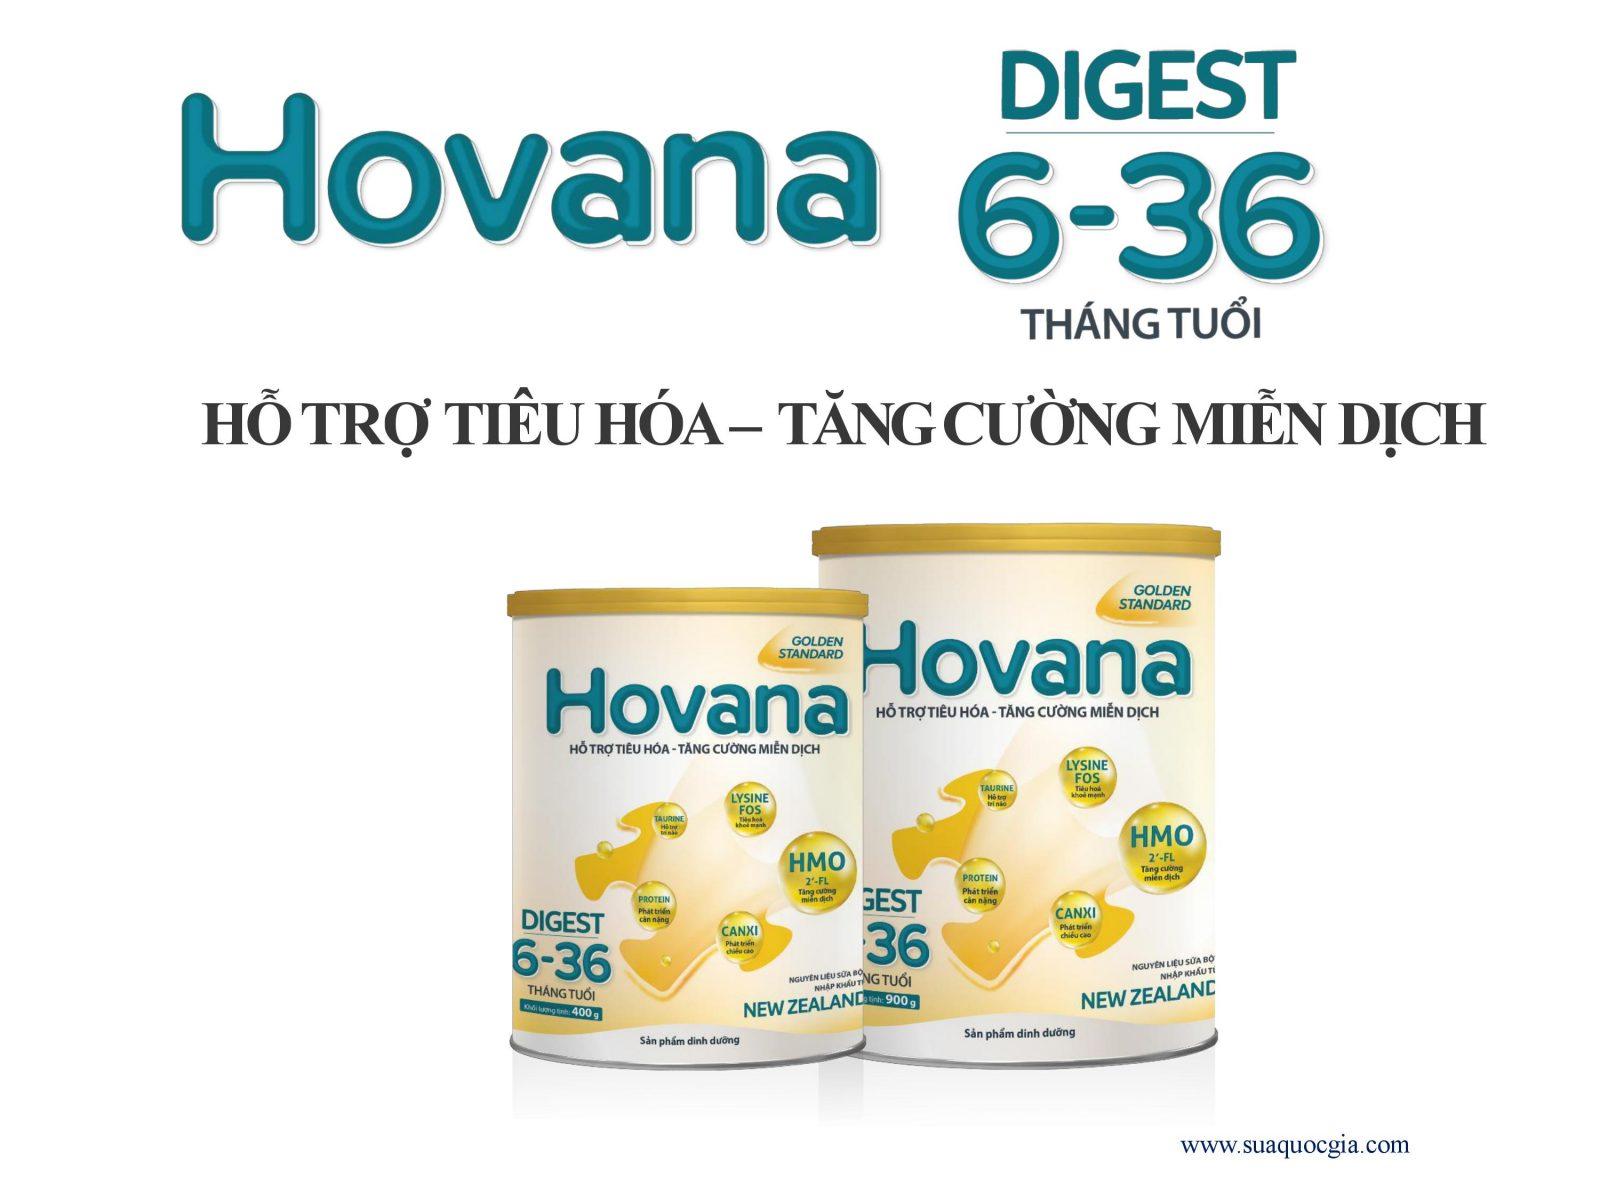 Sữa Hovana